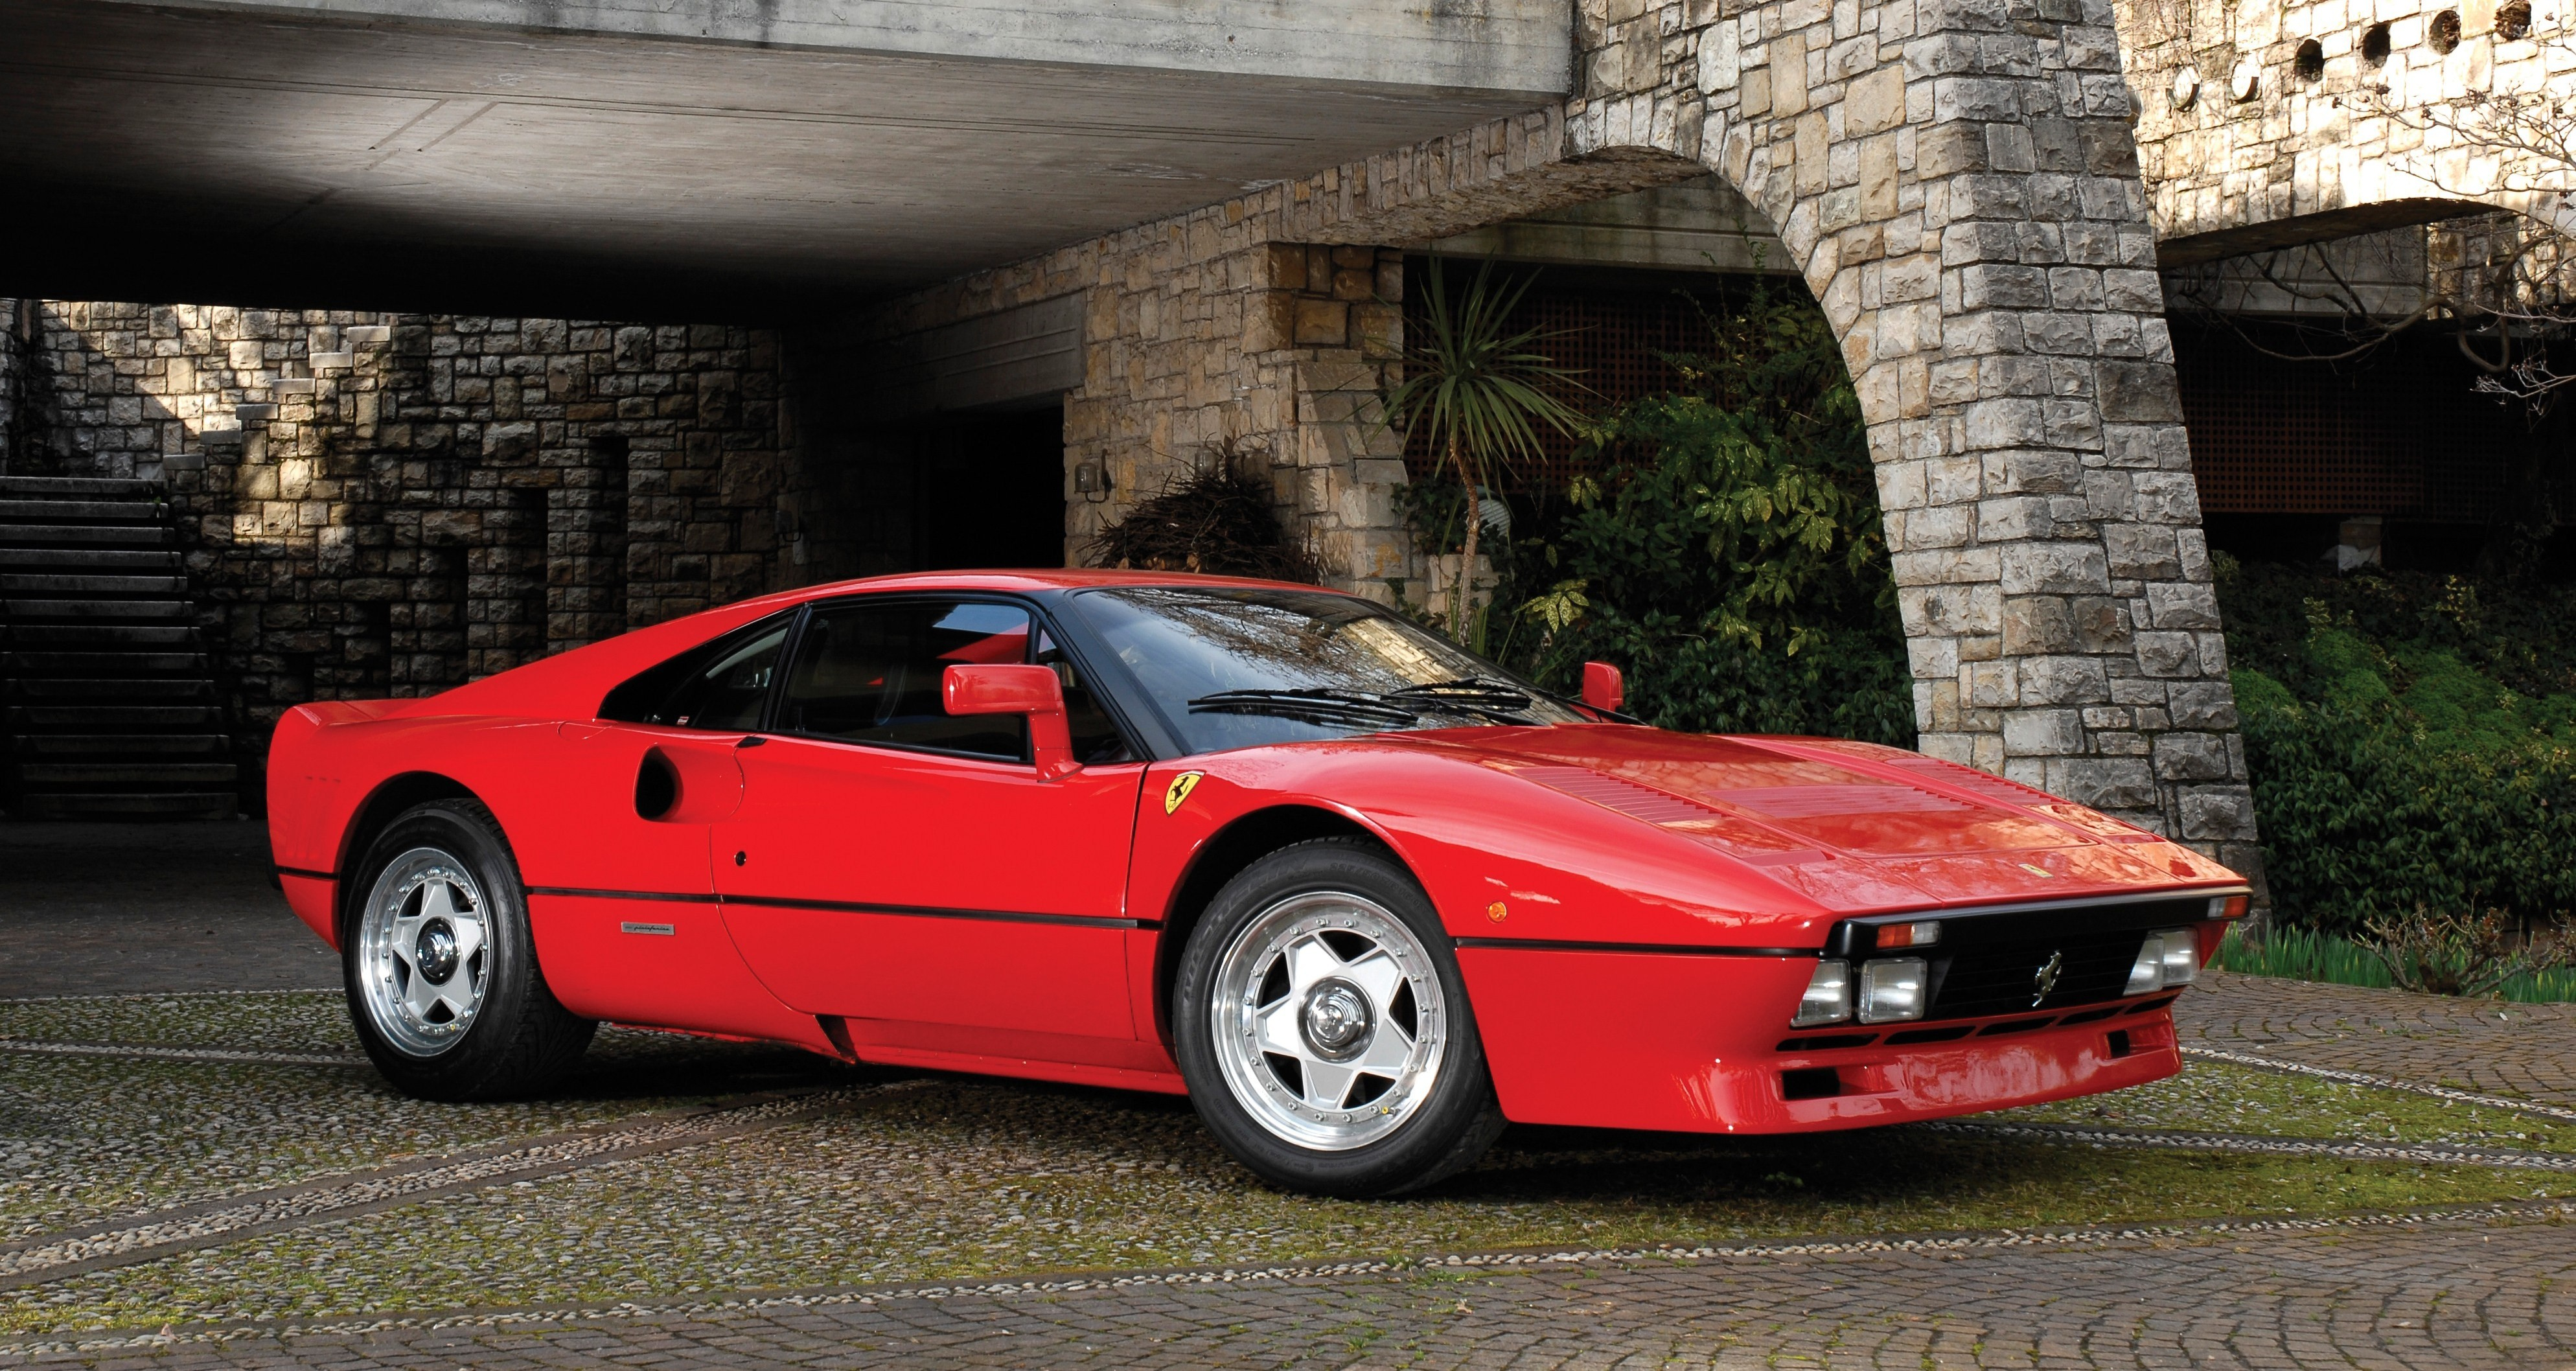 1984 フェラーリ 288gto かっぱのガレージ